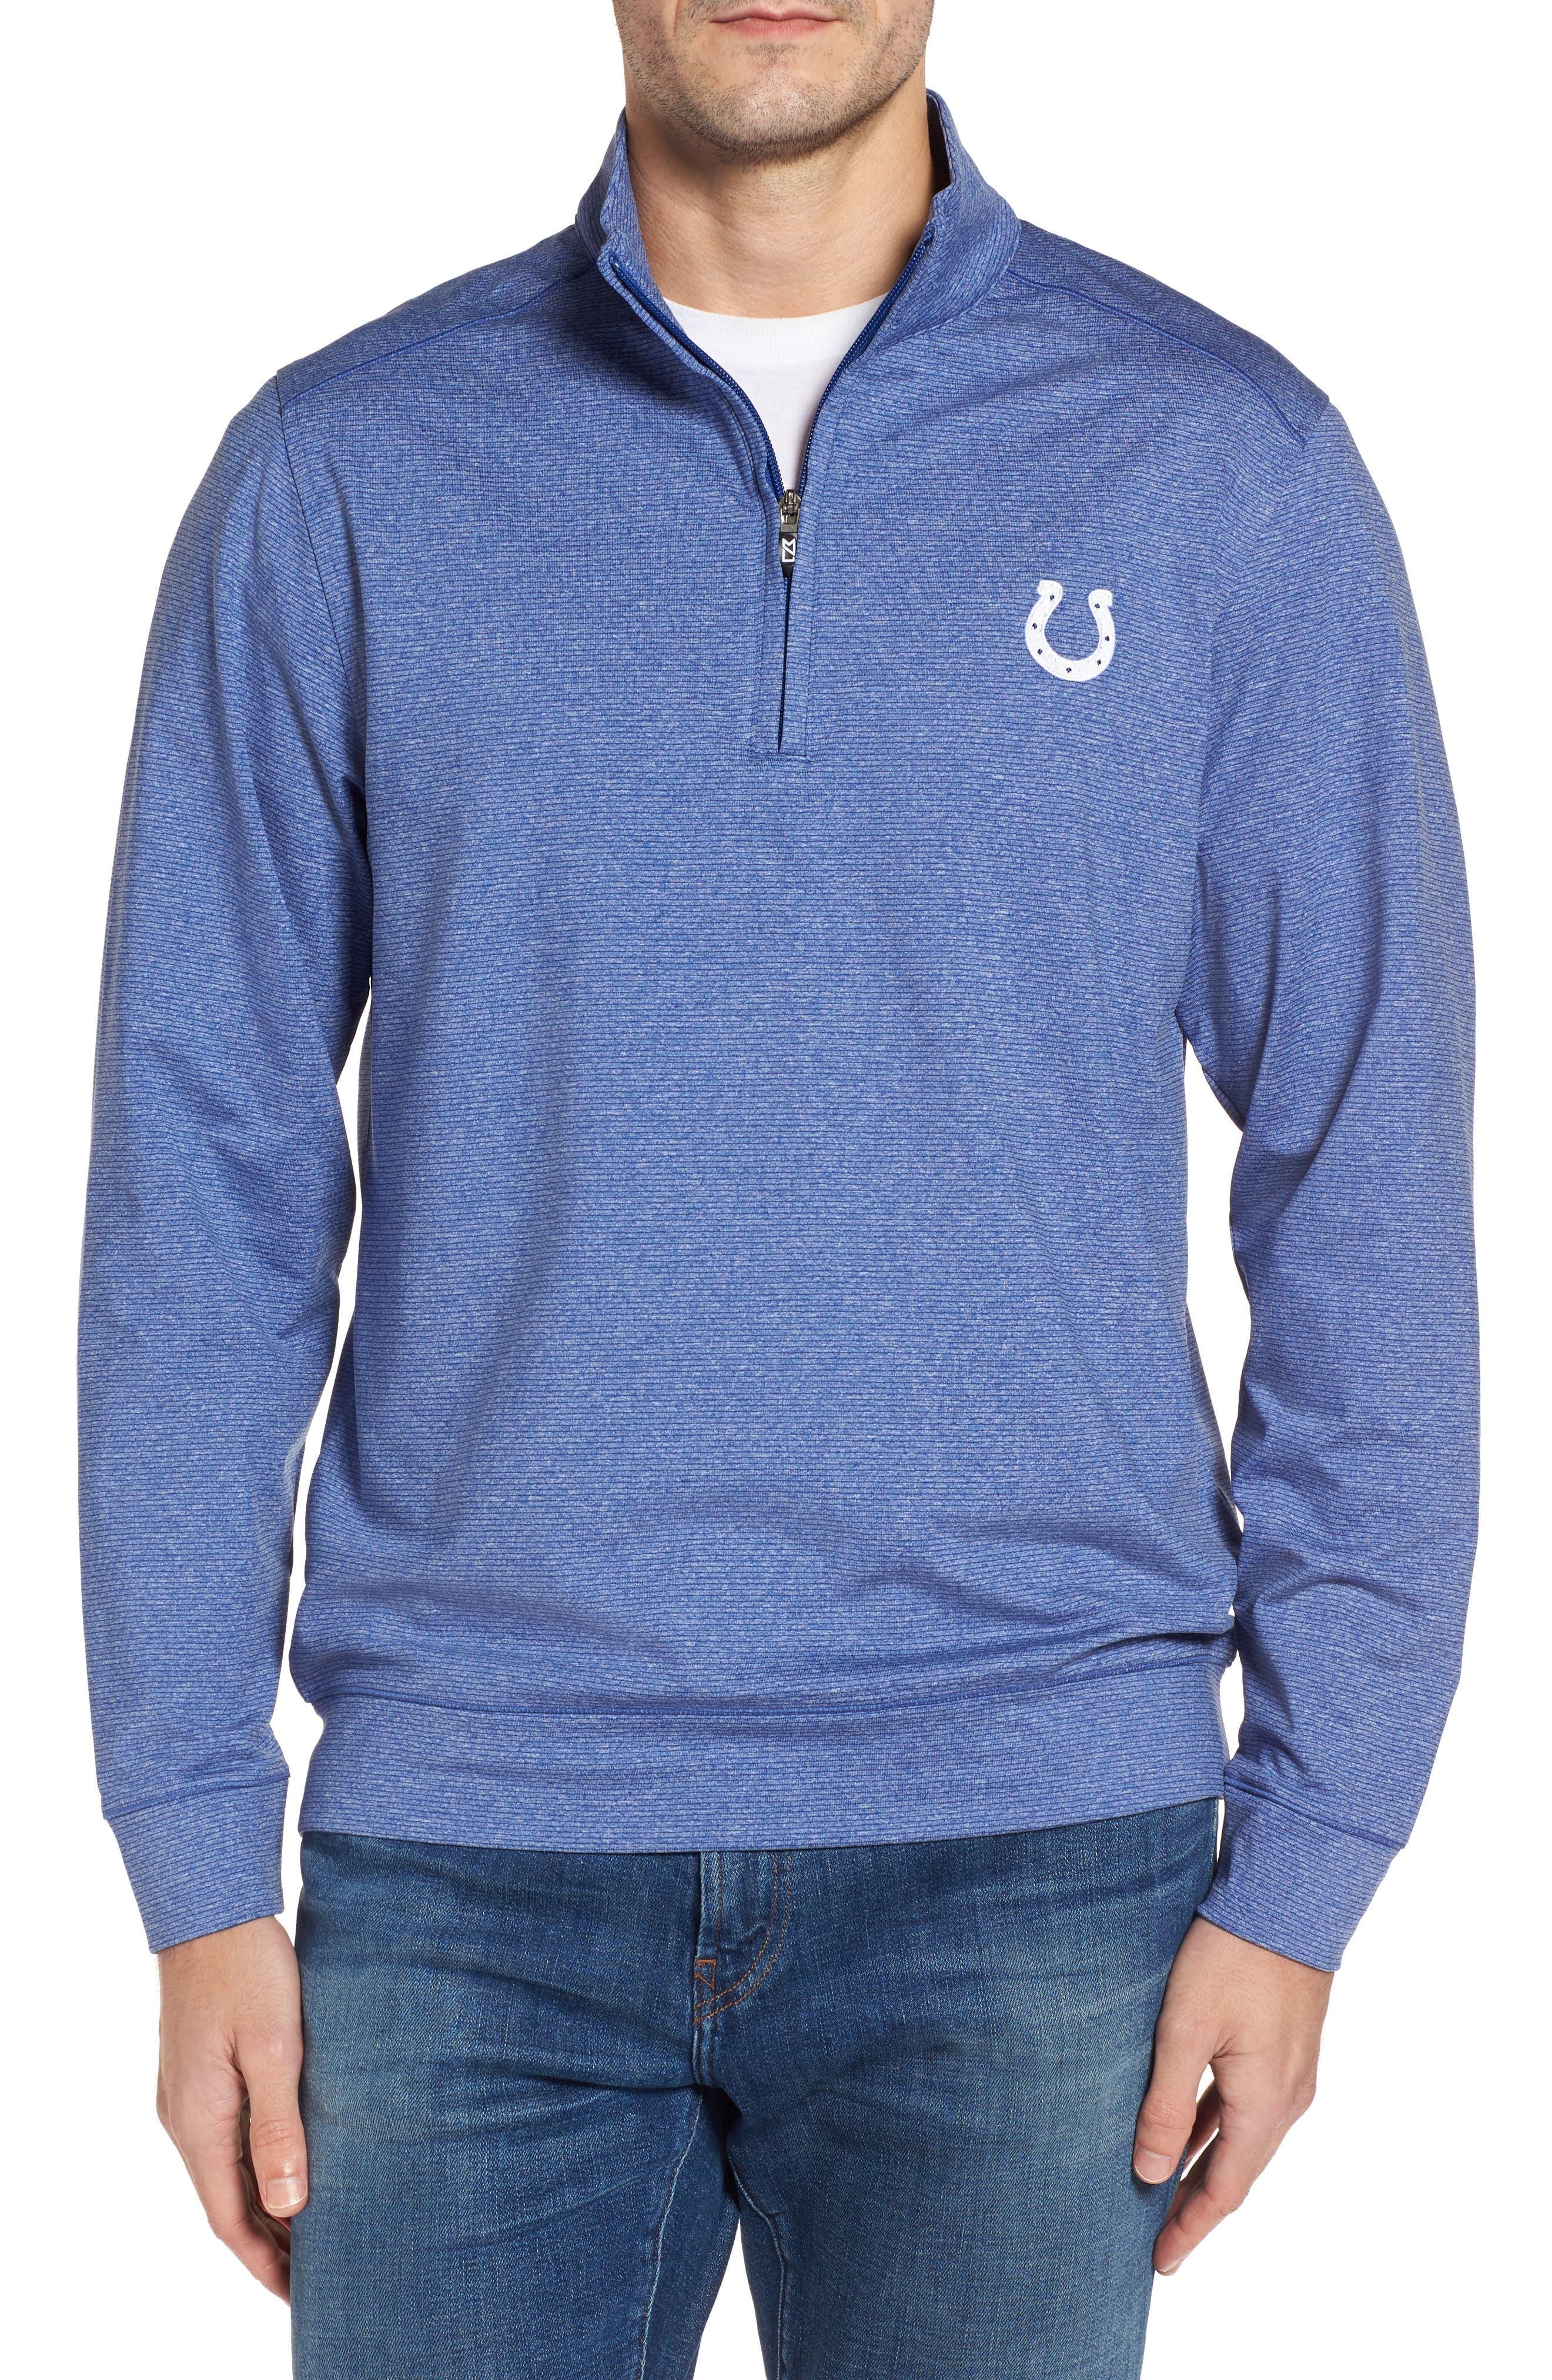 Shoreline - Indianapolis Colts Half Zip Pullover,                         Main,                         color, 425